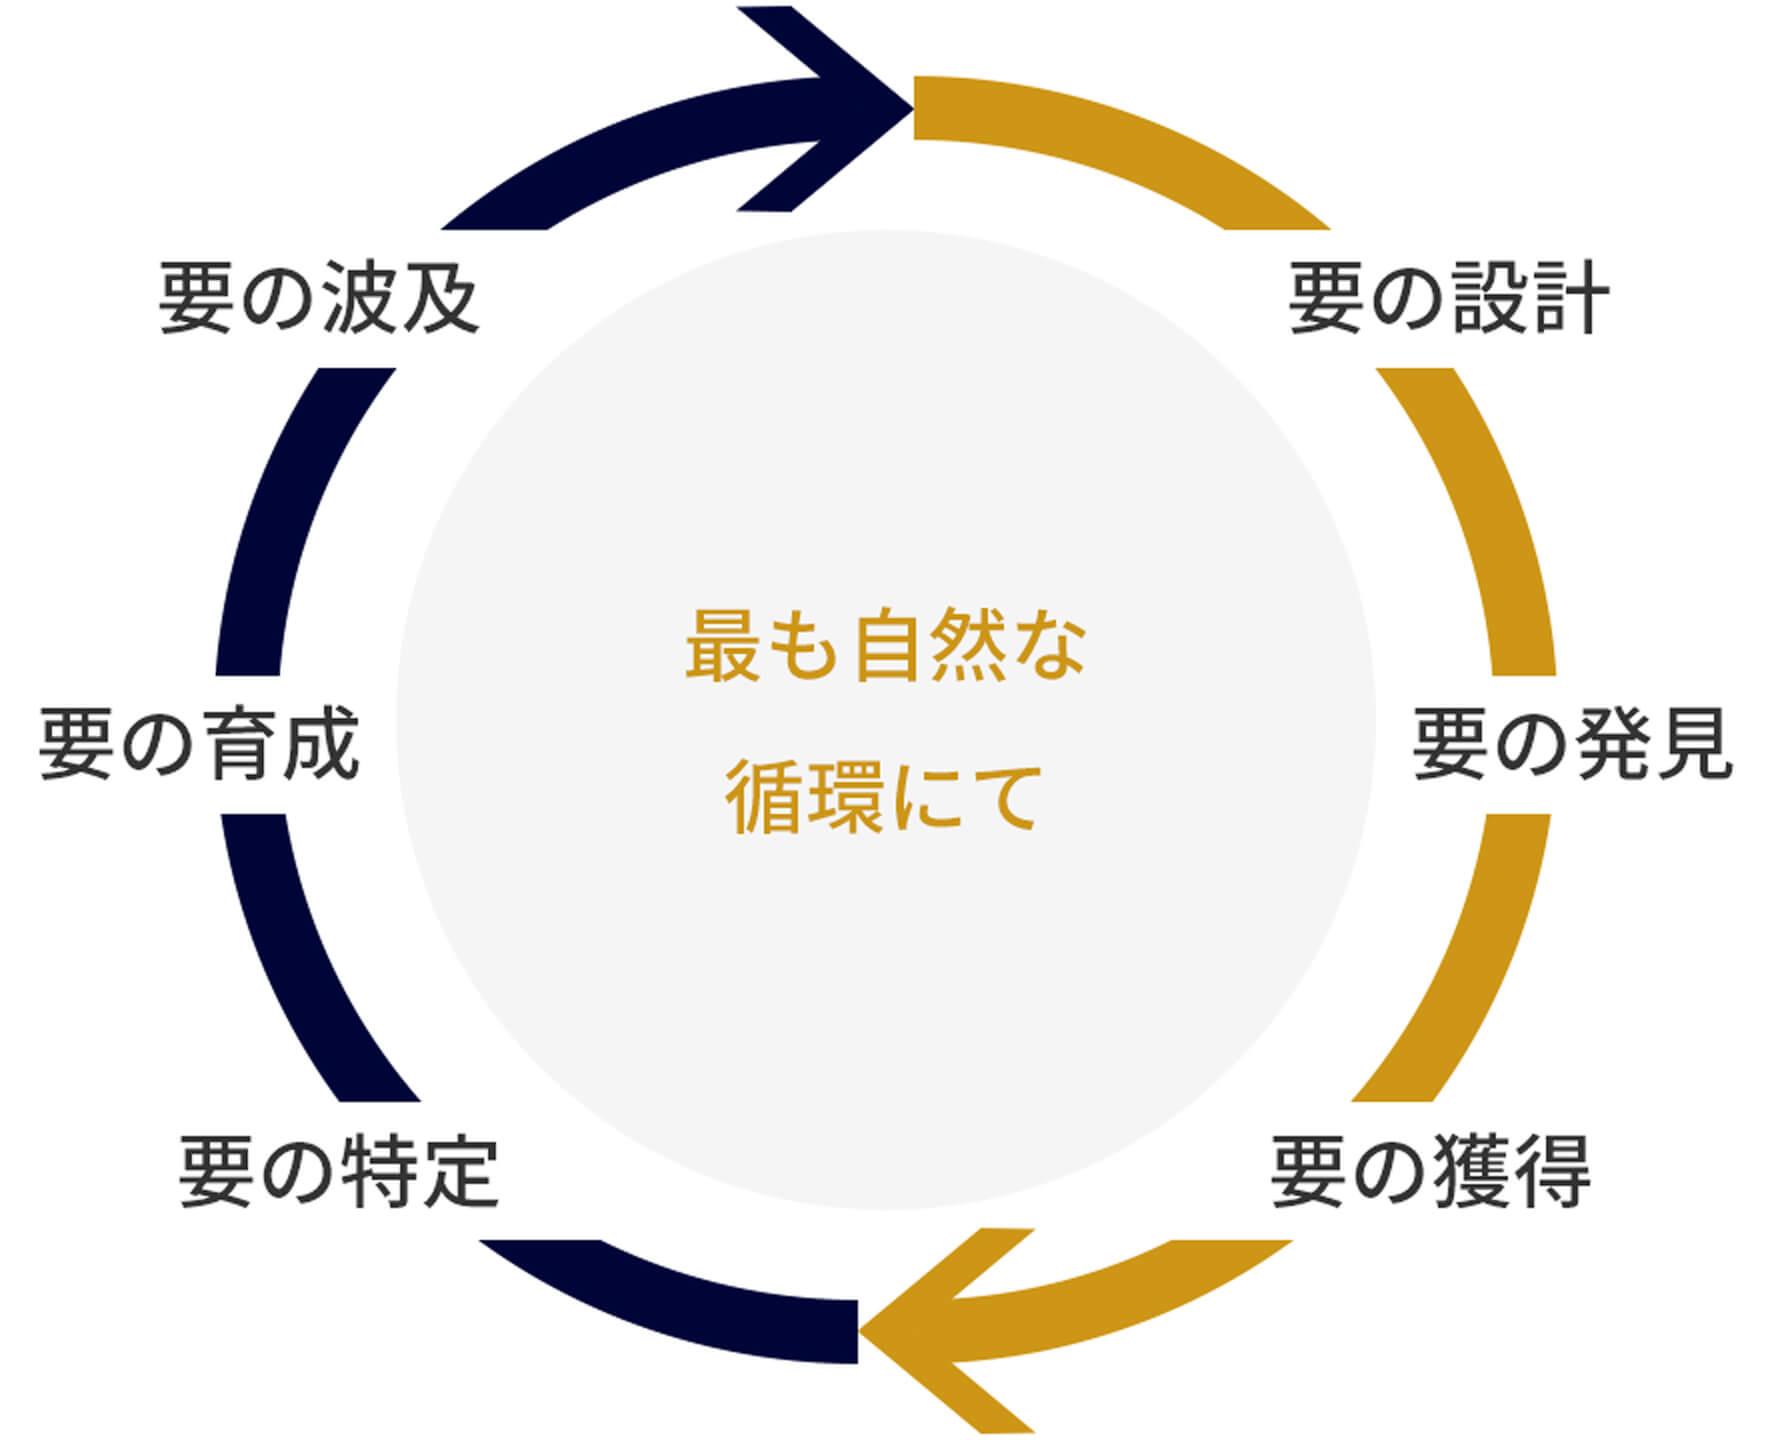 【採用変革KANAME】要の設計→要の発見→要の獲得→【組織変革ITSUDATSU】要の特定→要の育成→要の波及